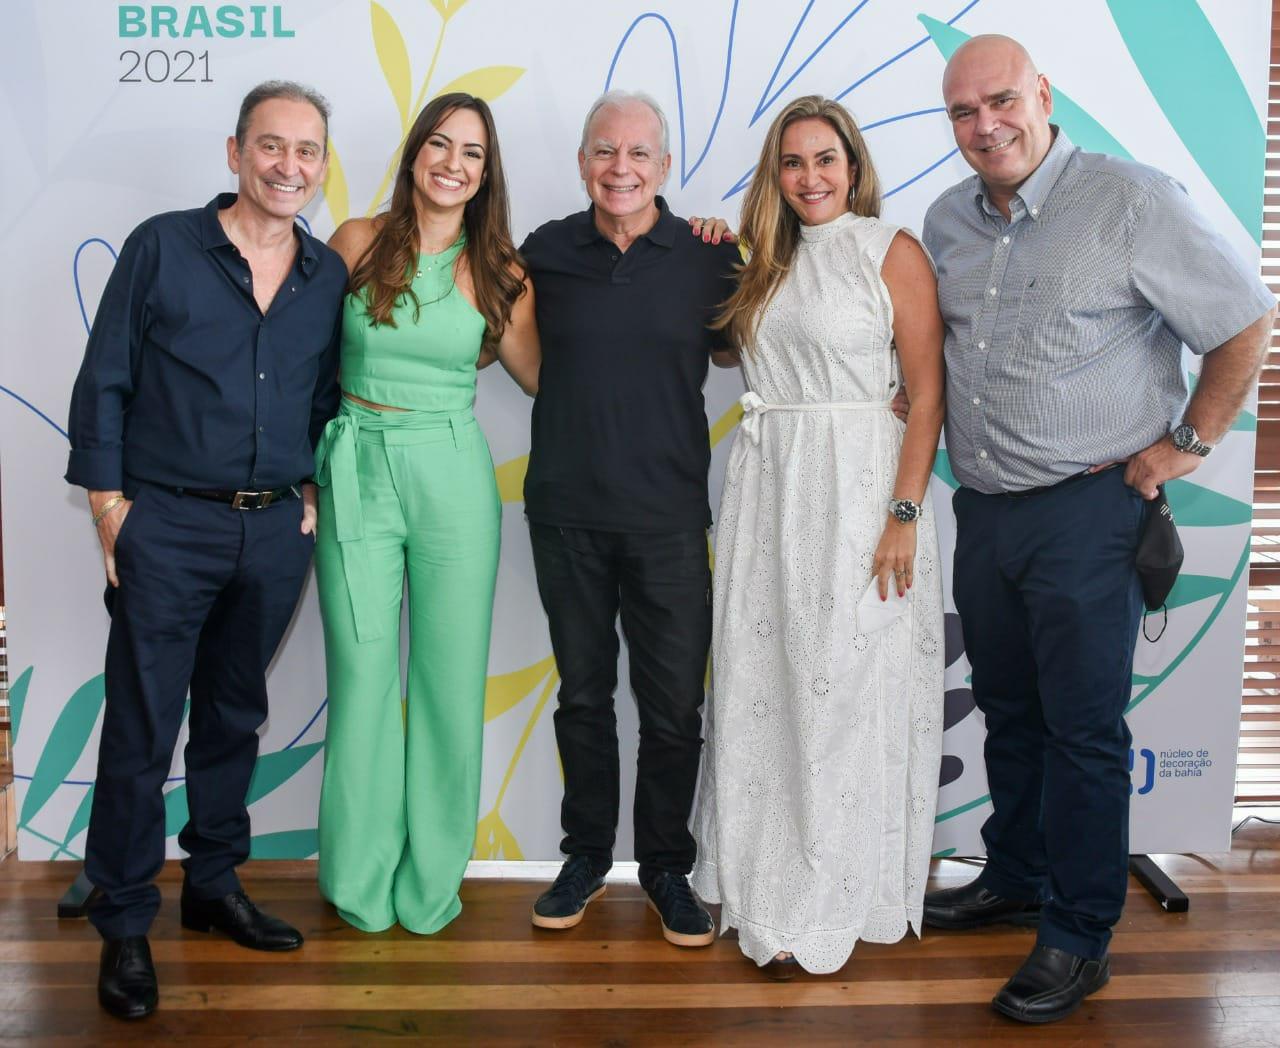 18º Prêmio Núcleo de Decoração da Bahia está com inscrições abertas